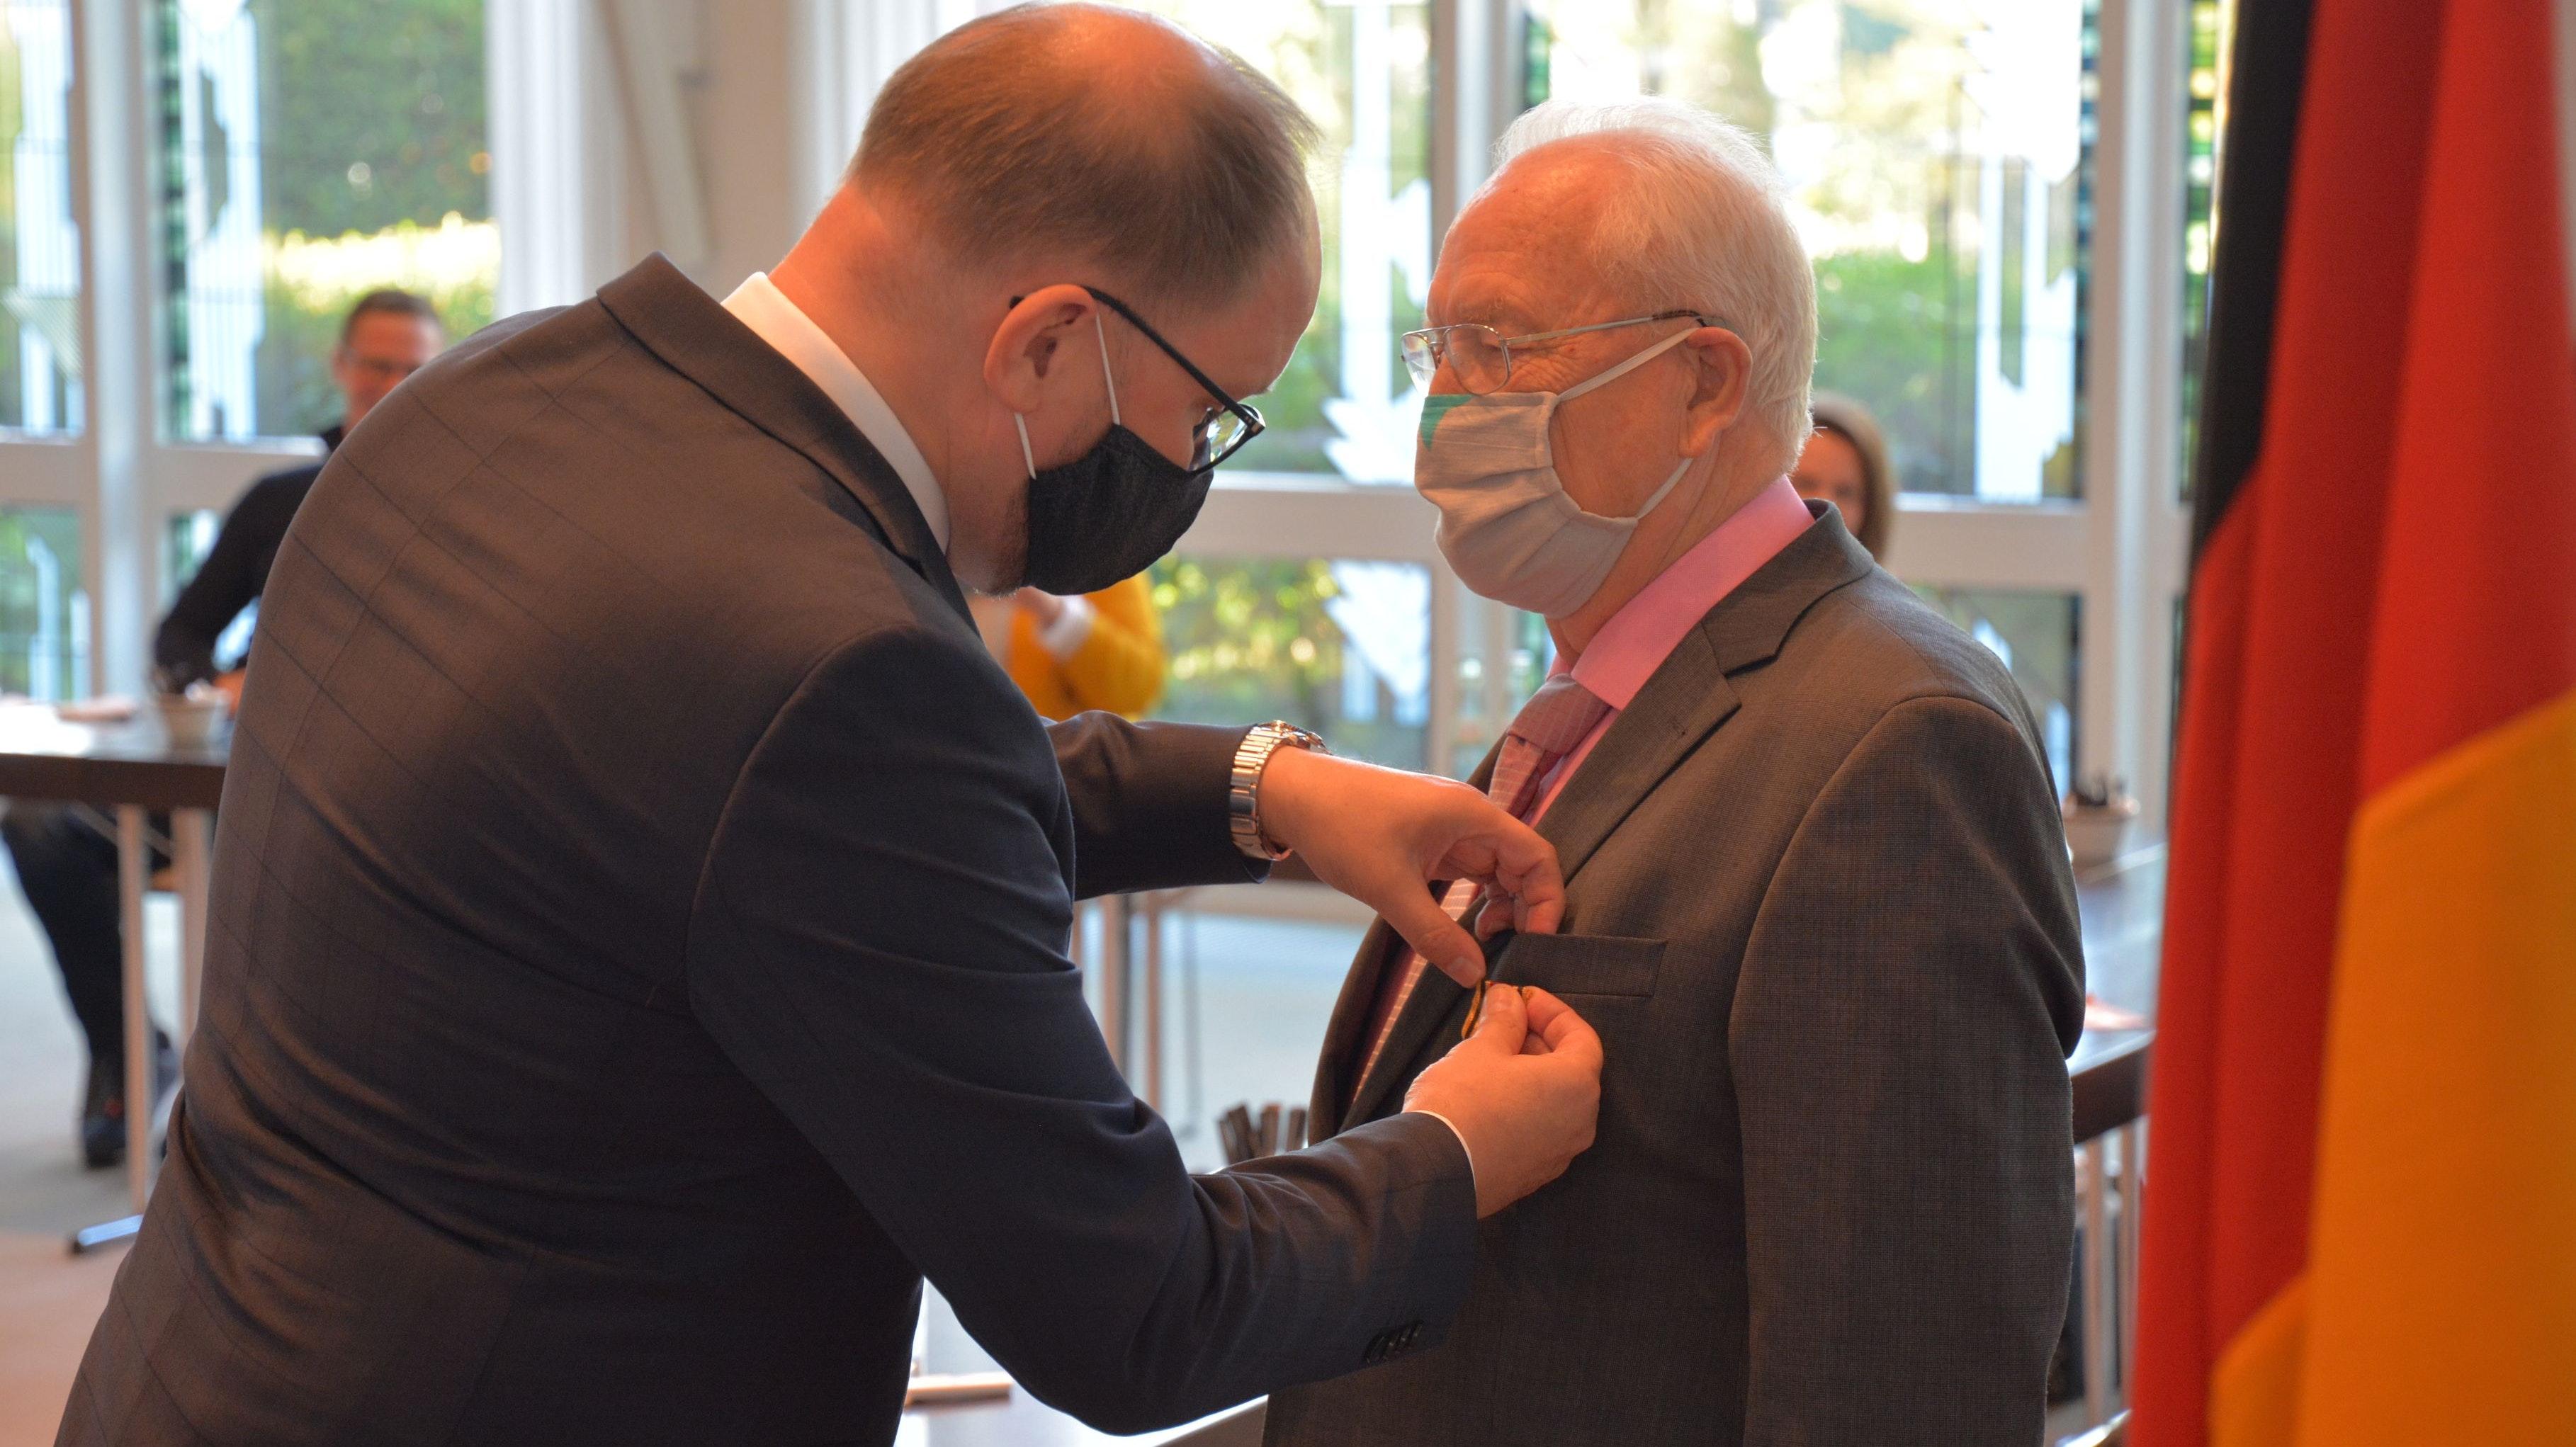 Hohe Auszeichnung: Landrat Johann Wimberg steckt Erich Behlau das Bundesverdienstkreuz an. Foto: Hermes